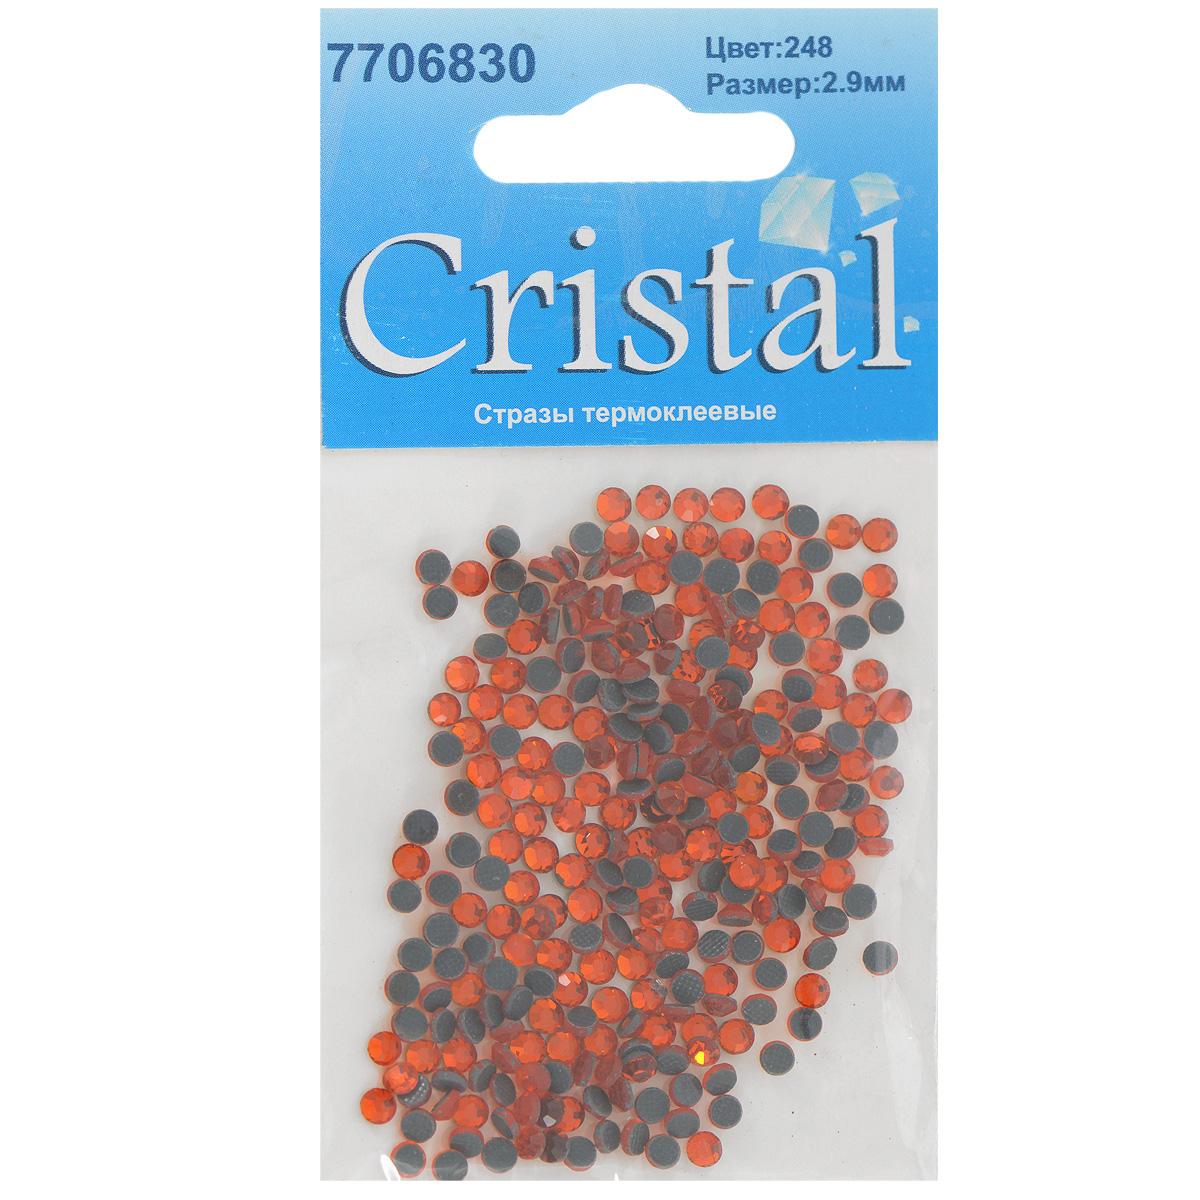 Стразы термоклеевые Cristal, цвет: гранатовый (248), диаметр 2,9 мм, 288 шт7706830_248Набор термоклеевых страз Cristal, изготовленный из высококачественного акрила, позволит вам украсить одежду, аксессуары или текстиль. Яркие стразы имеют плоское дно и круглую поверхность с гранями. Дно термоклеевых страз уже обработано особым клеем, который под воздействием высоких температур начинает плавиться, приклеиваясь, таким образом, к требуемой поверхности. Чаще всего их используют в текстильной промышленности: стразы прикладывают к ткани и проглаживают утюгом с обратной стороны. Также можно использовать специальный паяльник. Украшение стразами поможет сделать любую вещь оригинальной и неповторимой. Диаметр страз: 2,9 мм.